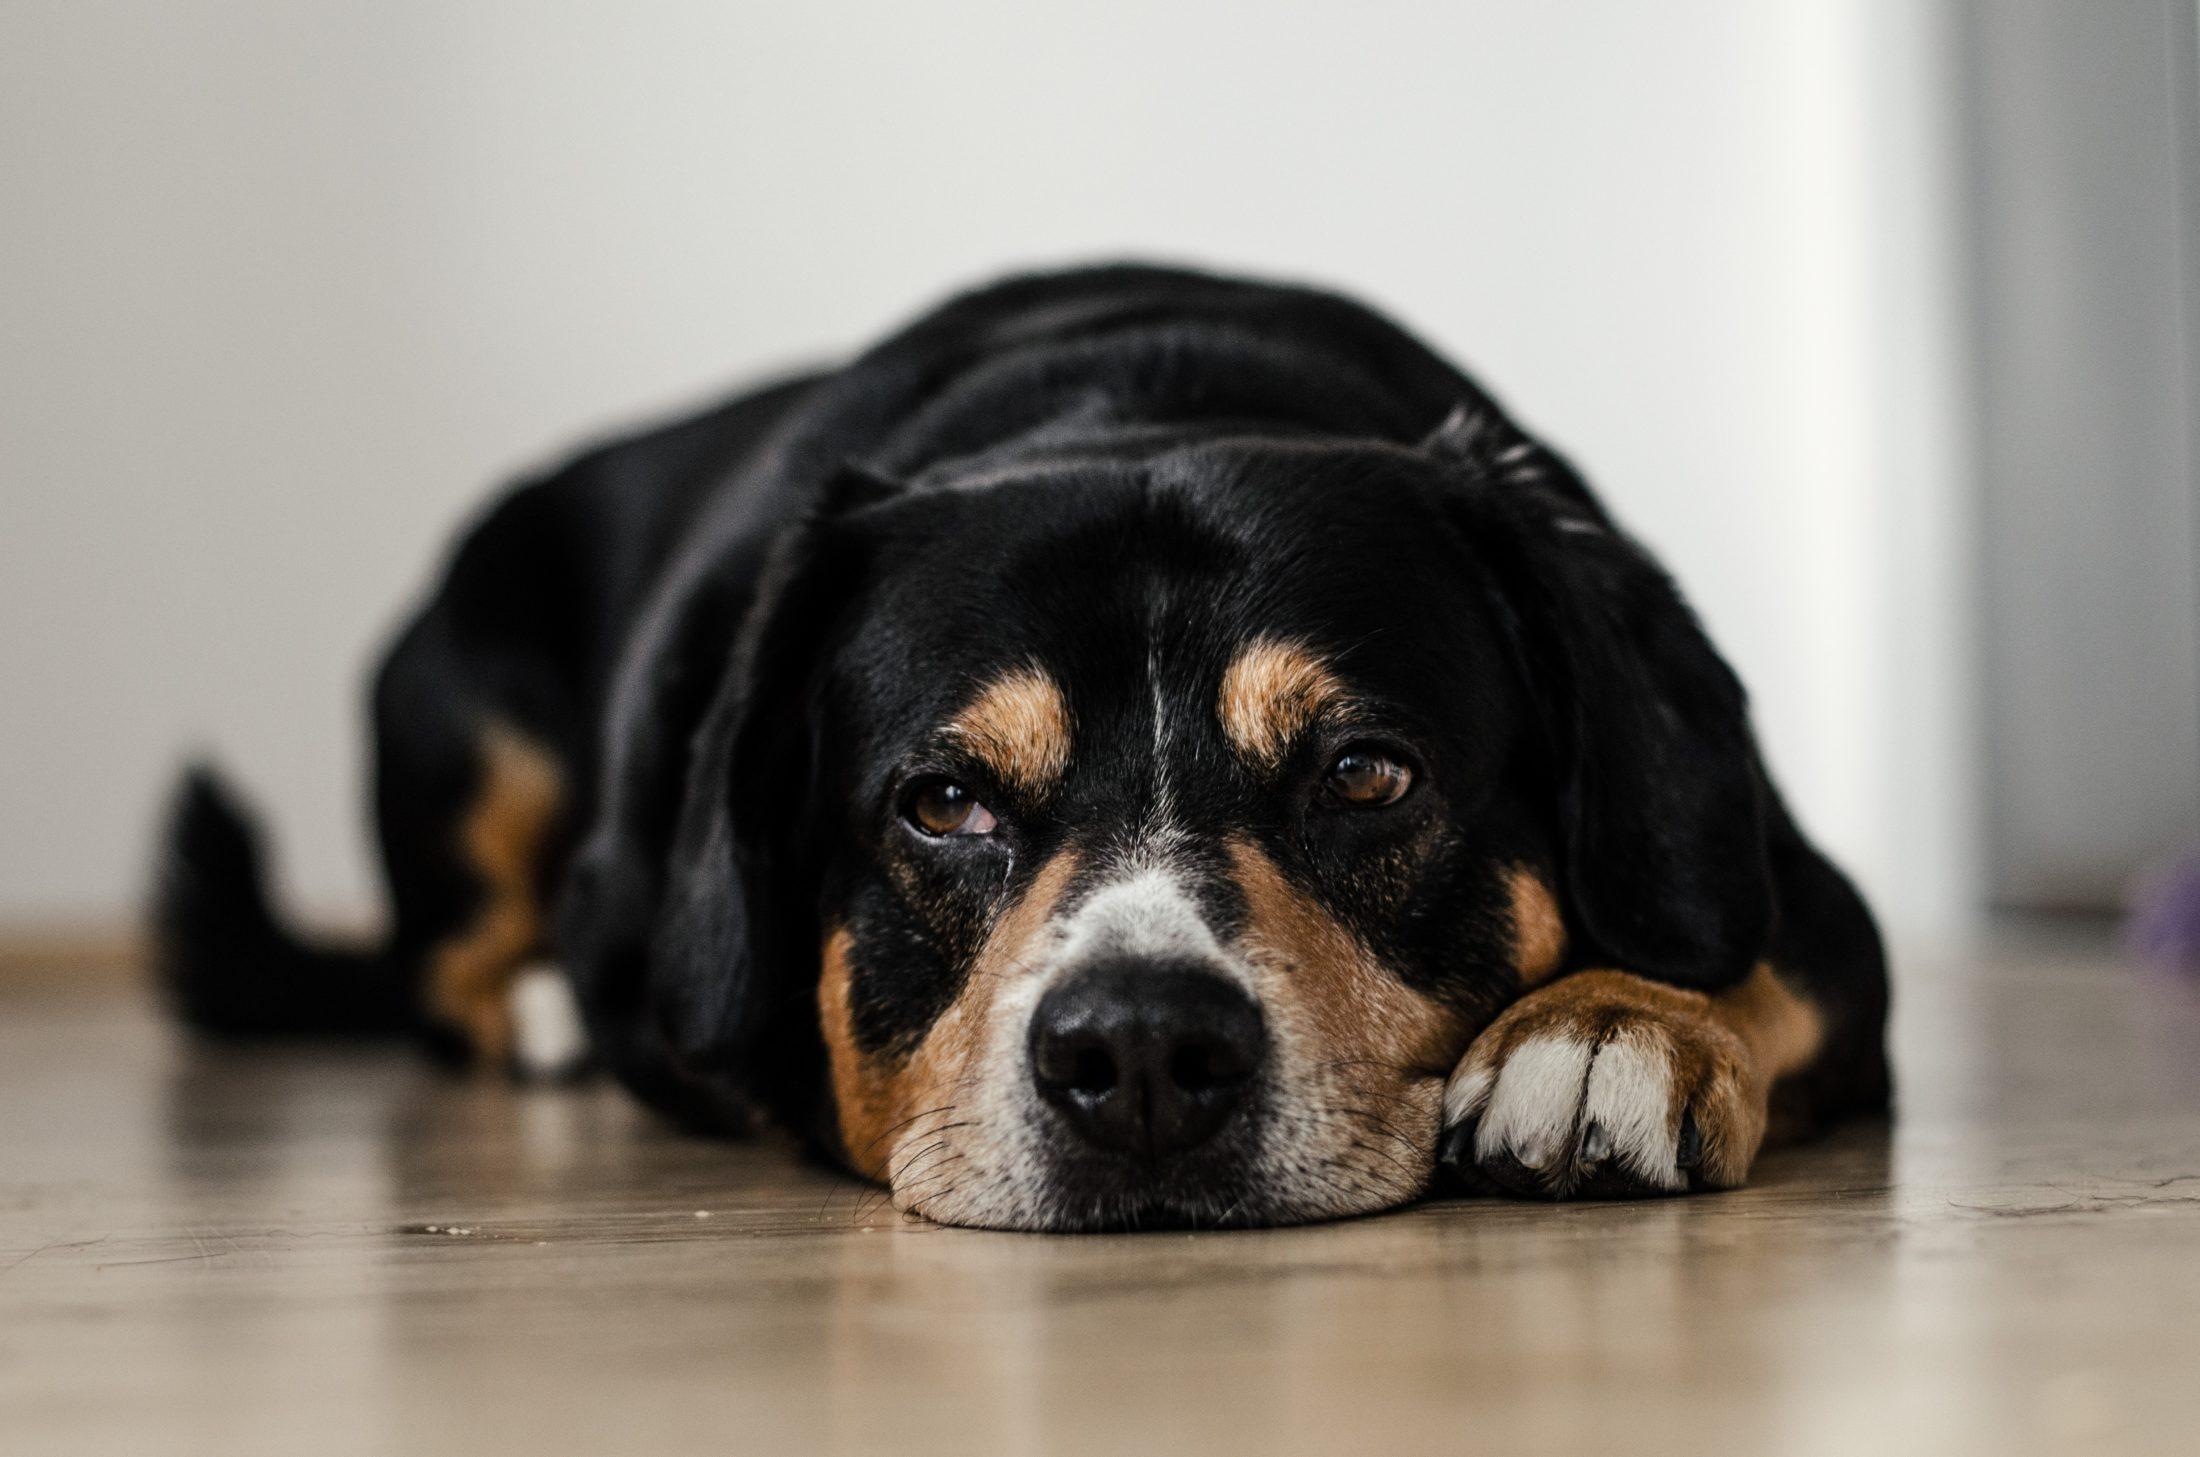 cachorro adulto deitado no chão